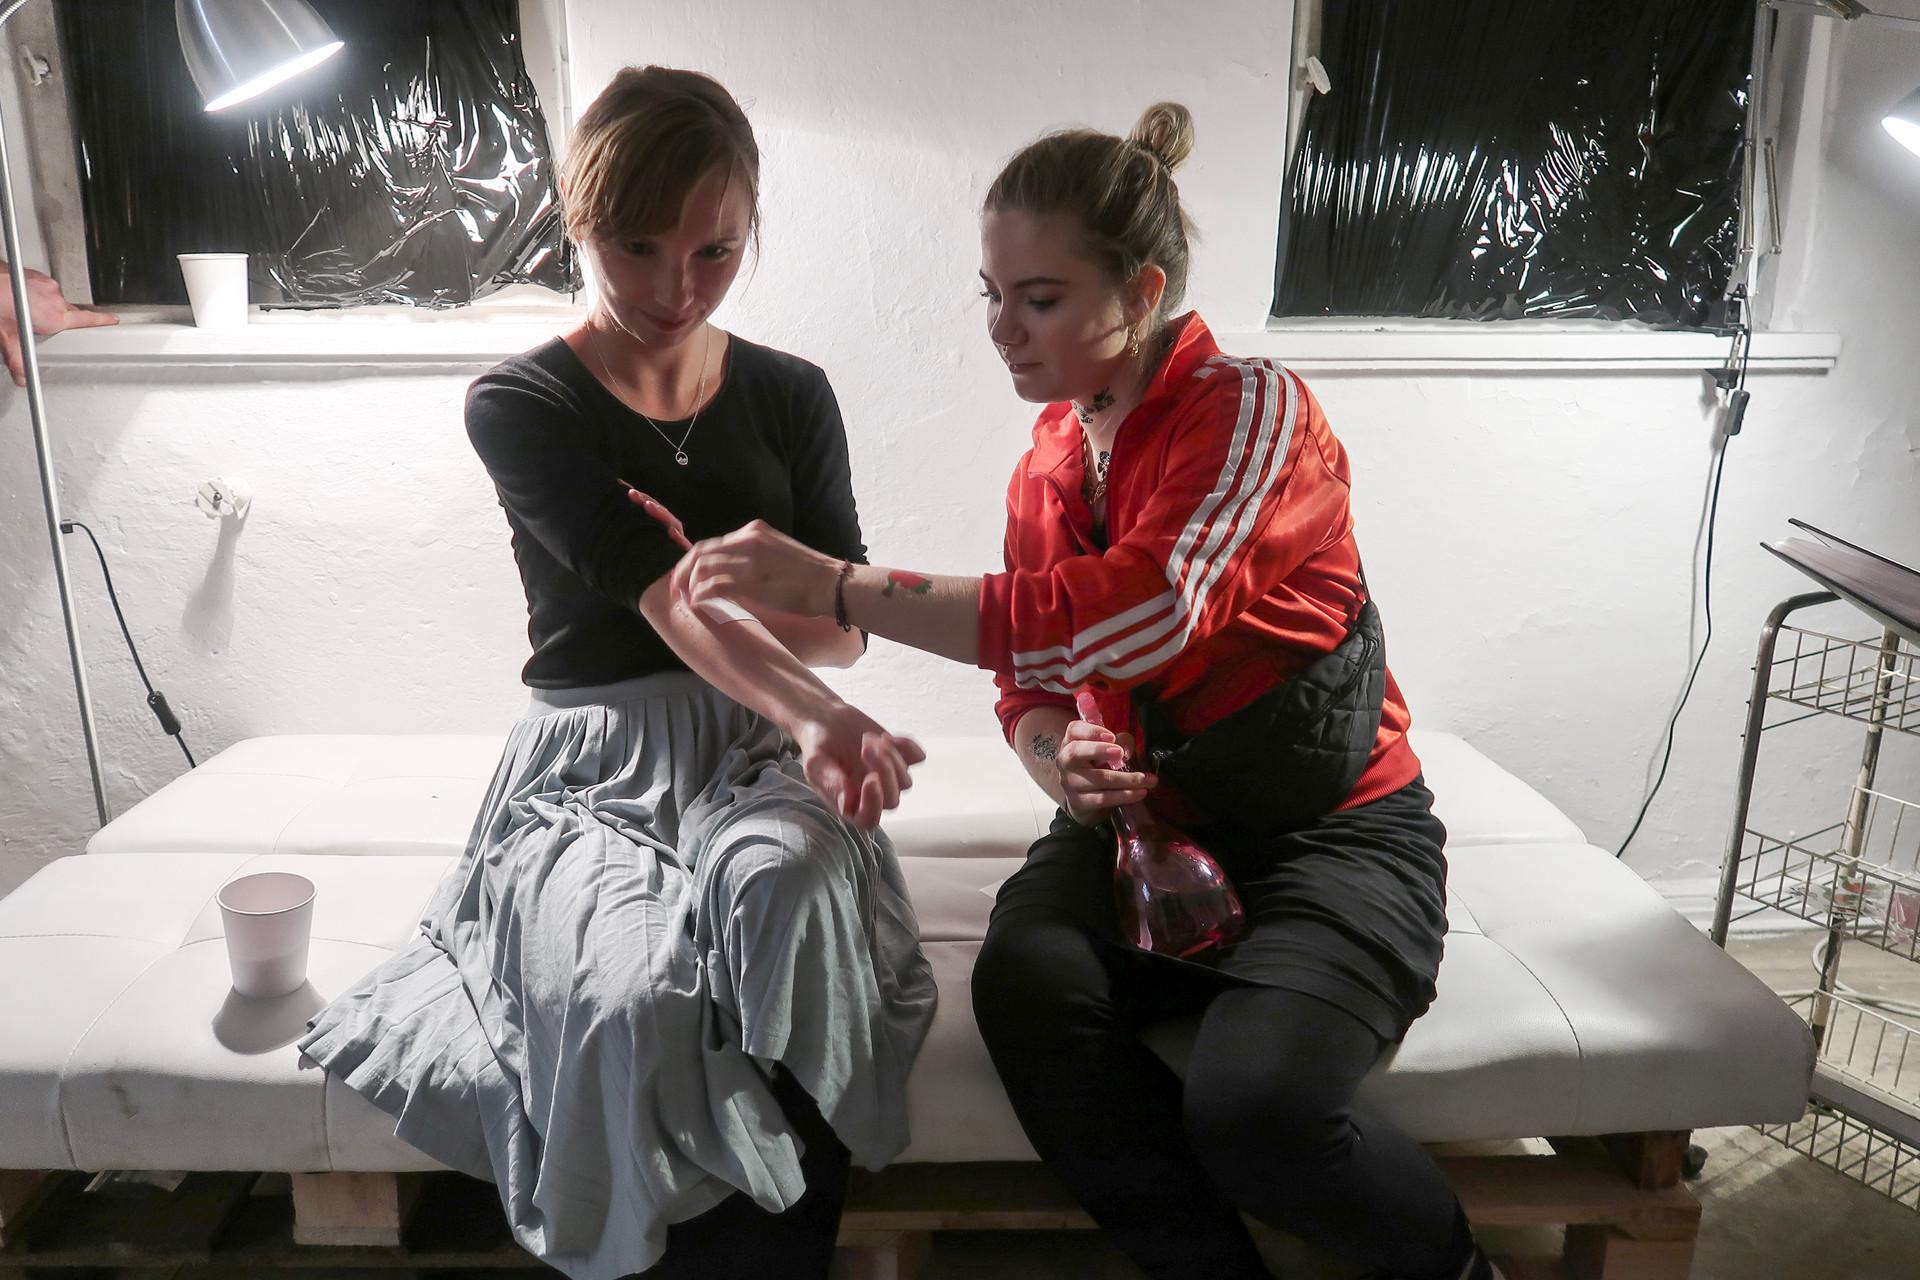 Poprawka_dokumentacja_dziewczęcy_tatuaż_